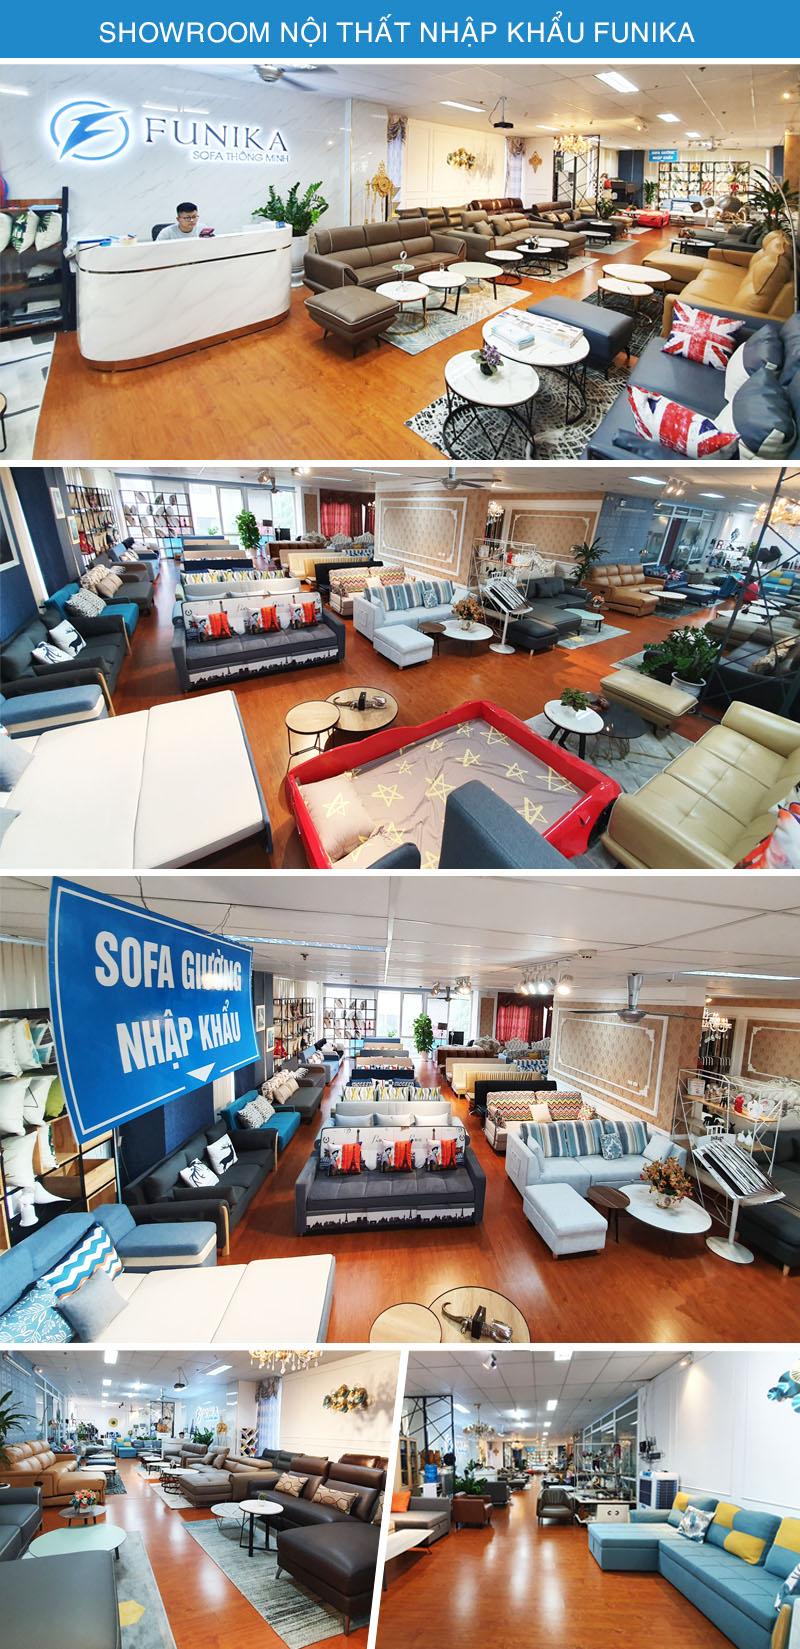 Hình ảnh showroom Funika Hà Nội nơi trưng bày hàng trăm mẫu sofa giường nằm